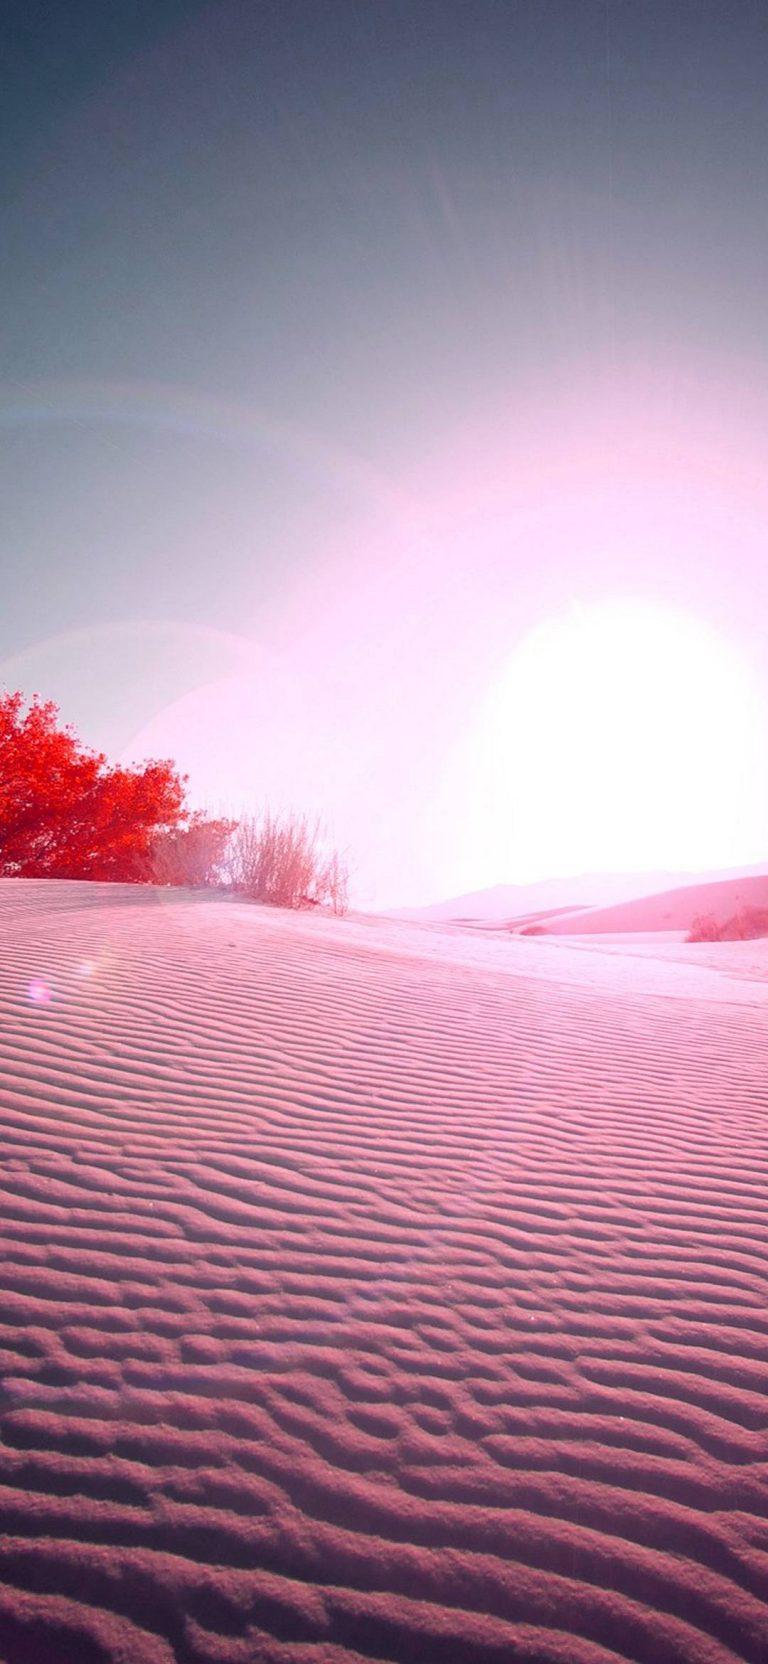 Desert Flare 1080x2340 768x1664